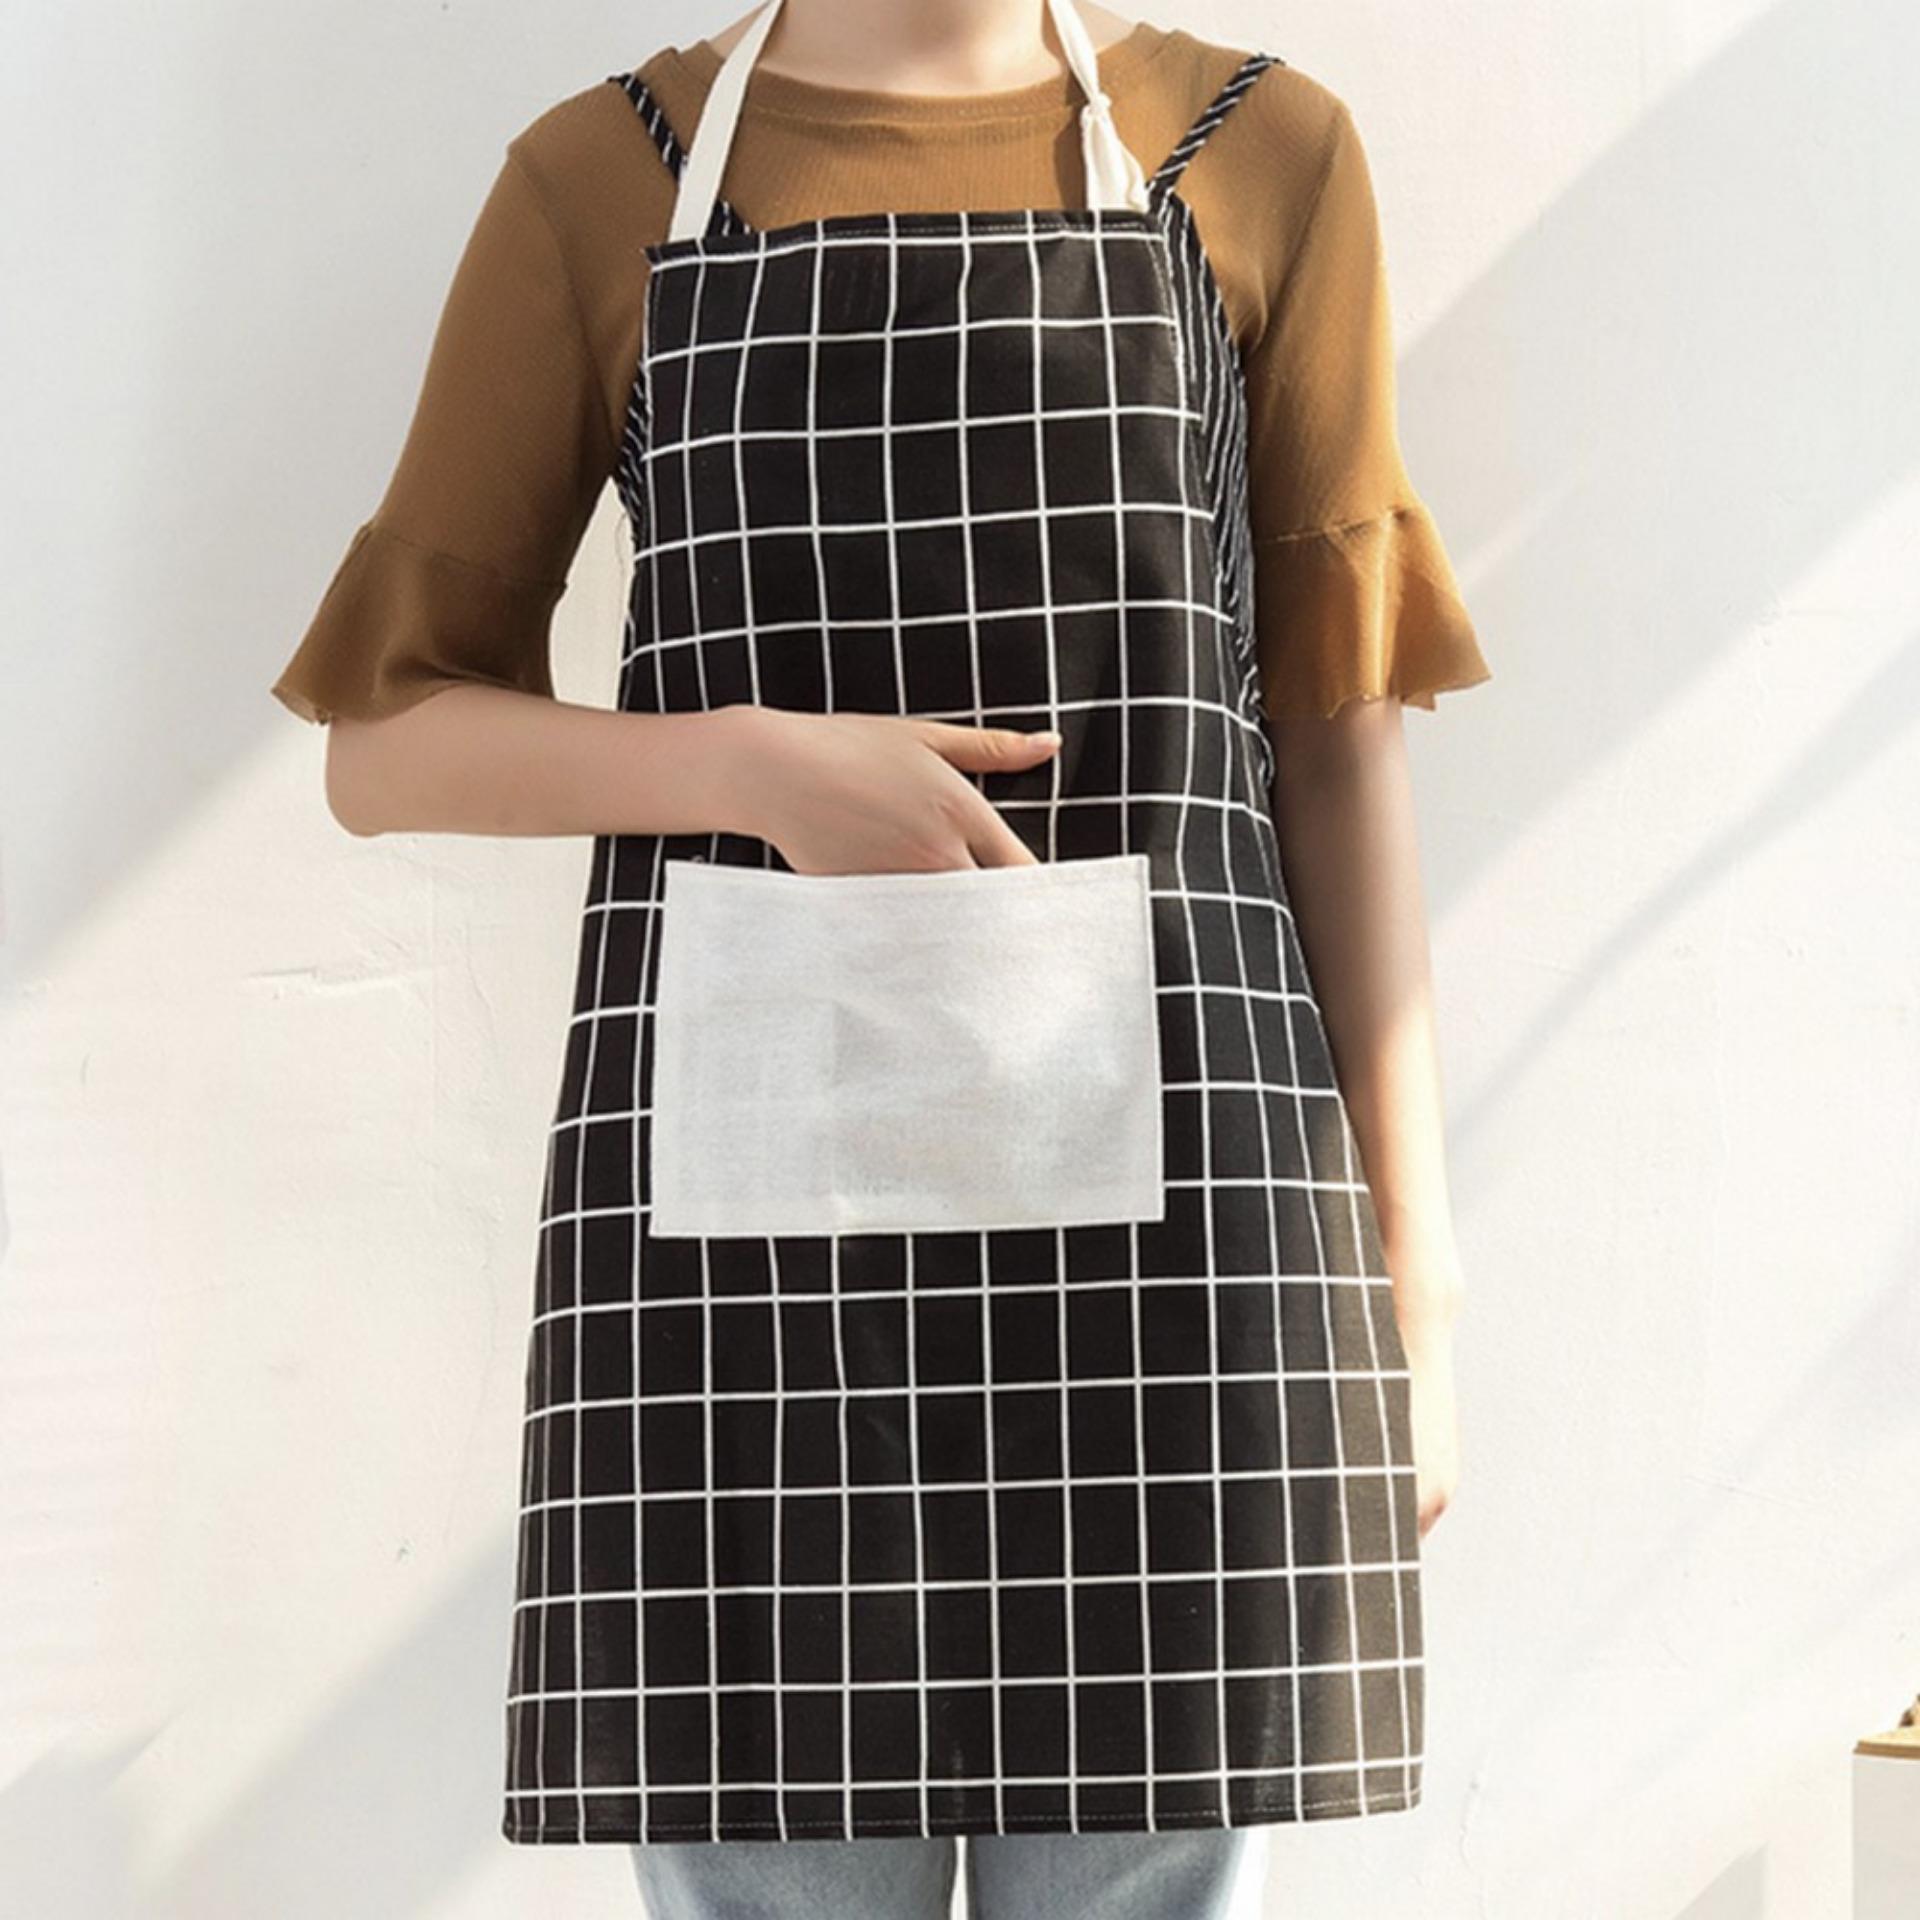 Celemek untuk masak celemek kain katun celemek dapur celemek kain katun apron Celemek Dapur Kotak2